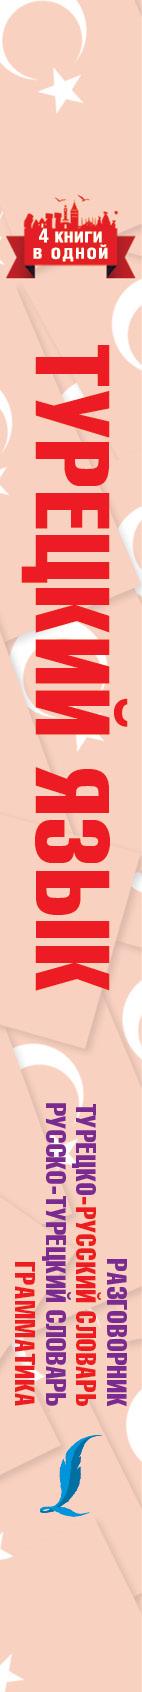 Турецкий язык. Разговорник, турецко-русский словарь, русско-турецкий словарь, грамматика.